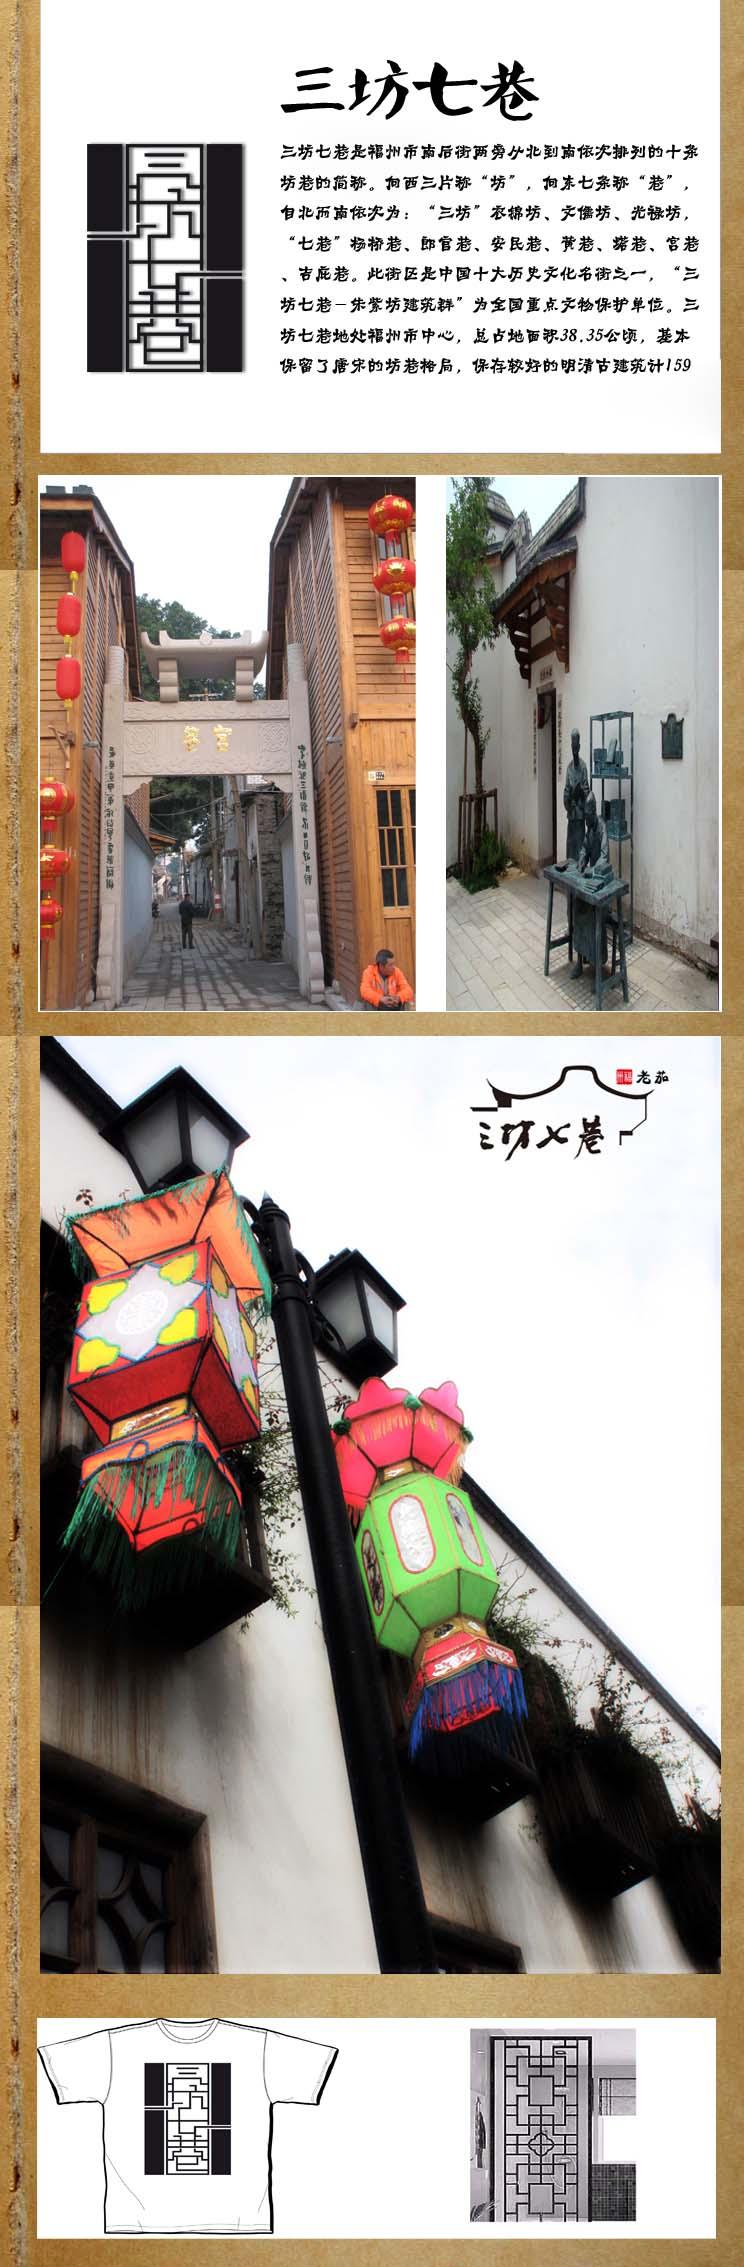 """原创福州历史文化古街""""三坊七巷""""字体设计图片"""